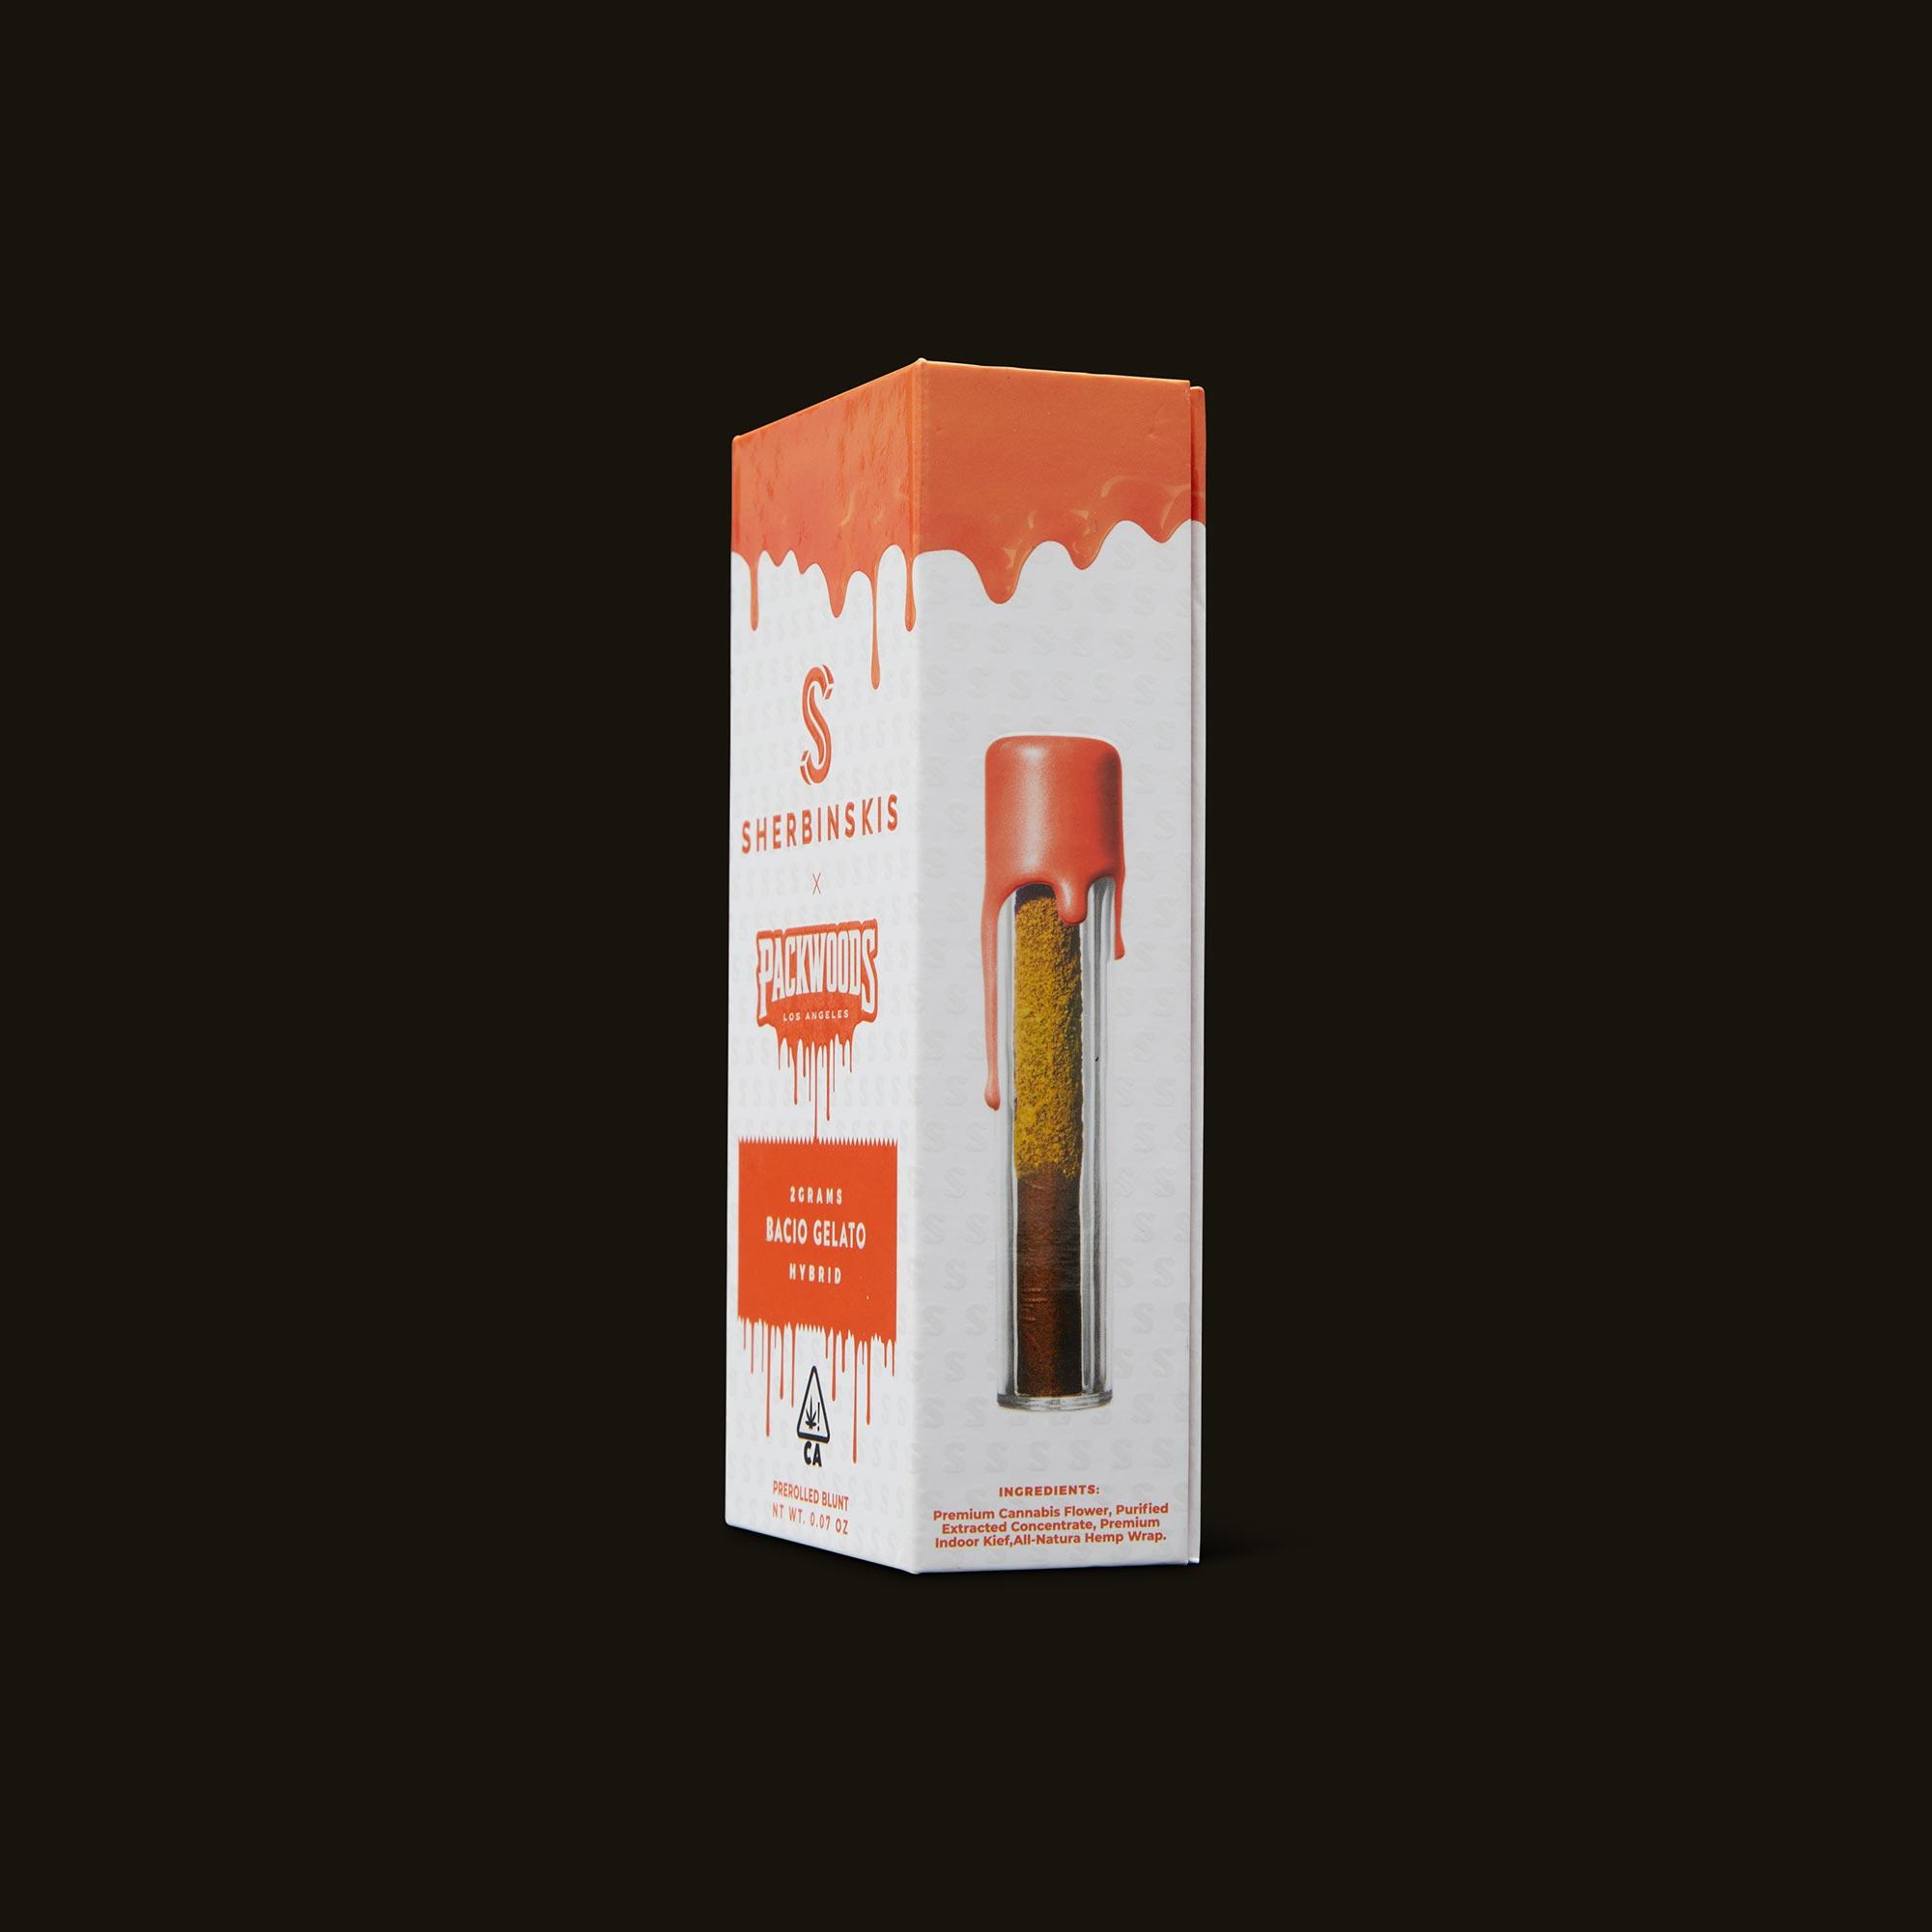 Packwoods Sherbinskis x Packwoods Bacio Gelato Blunt Side Packaging